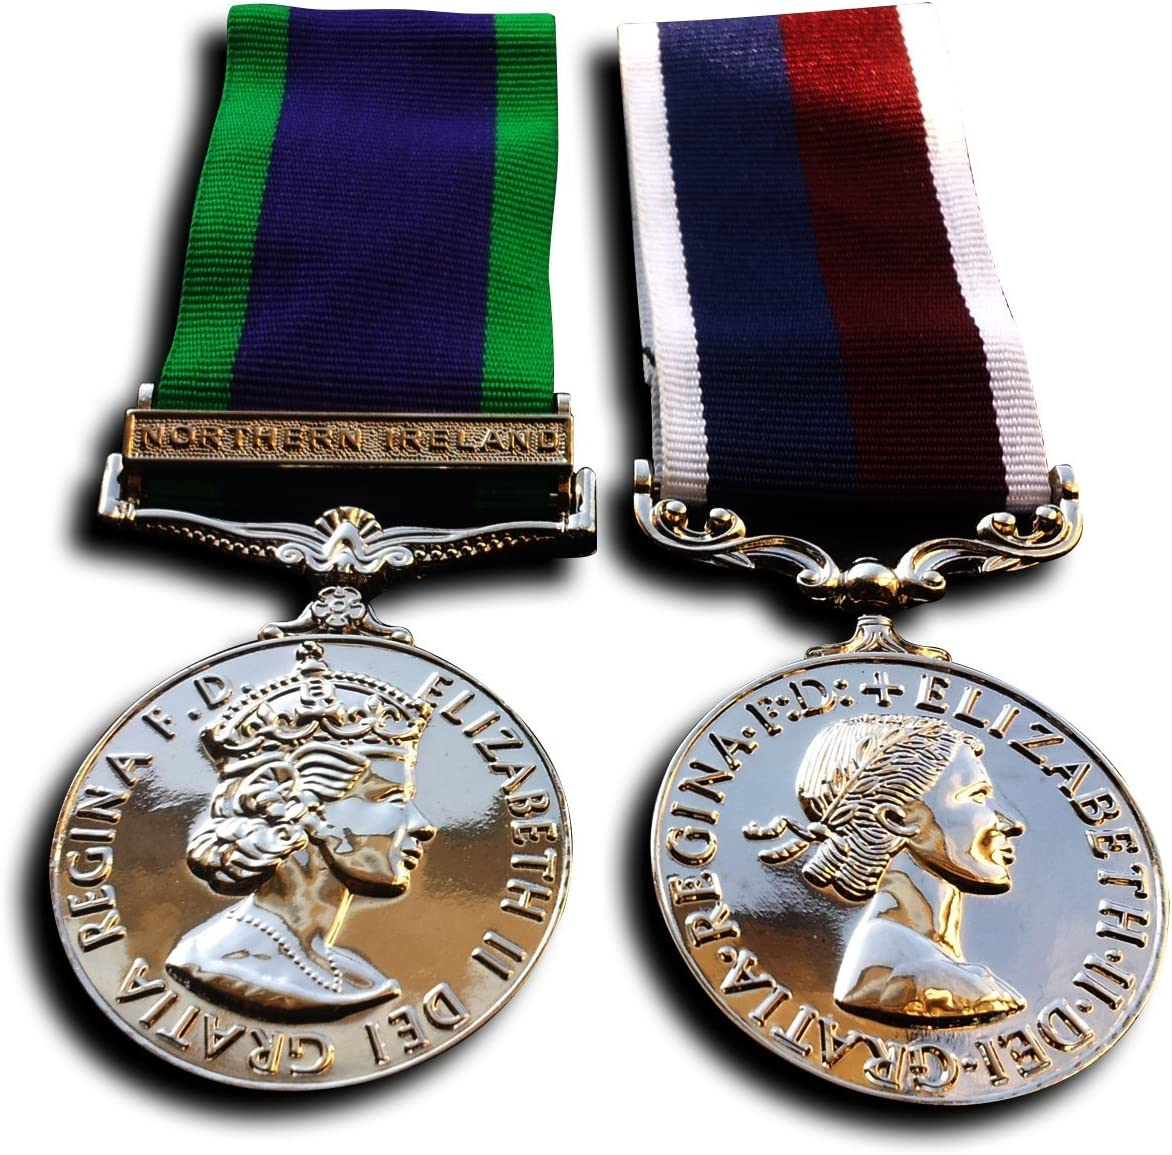 Medallas Militares De La Medalla De Servicio General medalla de Irlanda del Norte & RAF LS GCM WW2 British Repro: Amazon.es: Deportes y aire libre